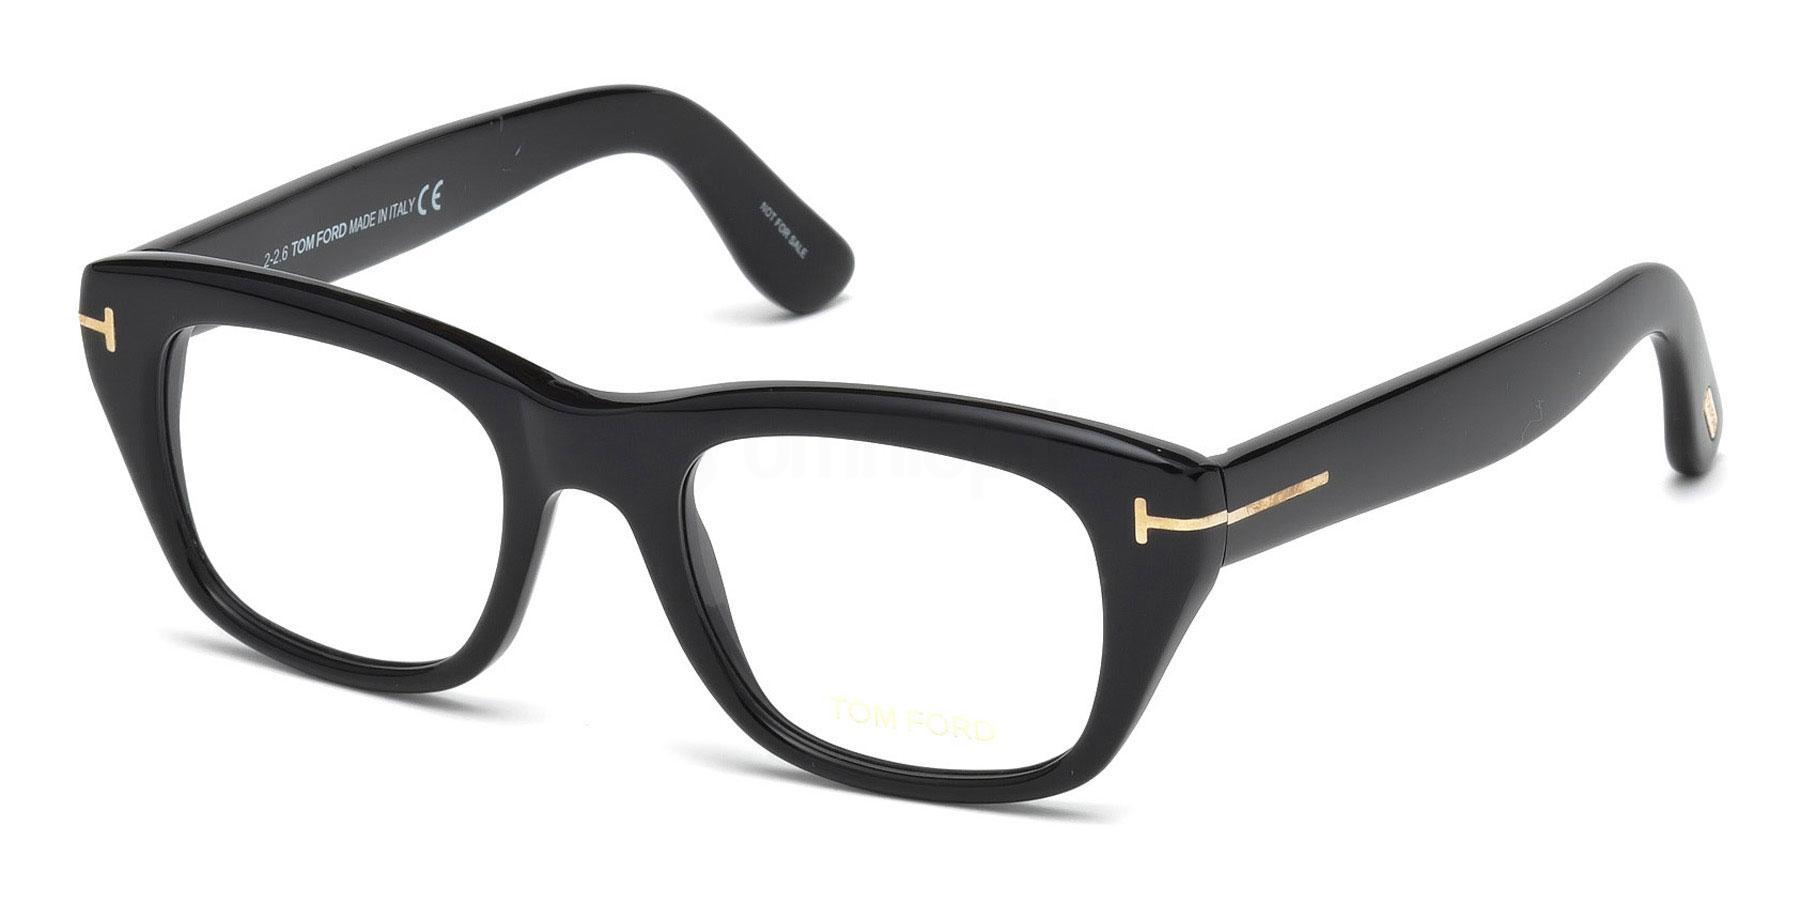 001 FT5472 Glasses, Tom Ford